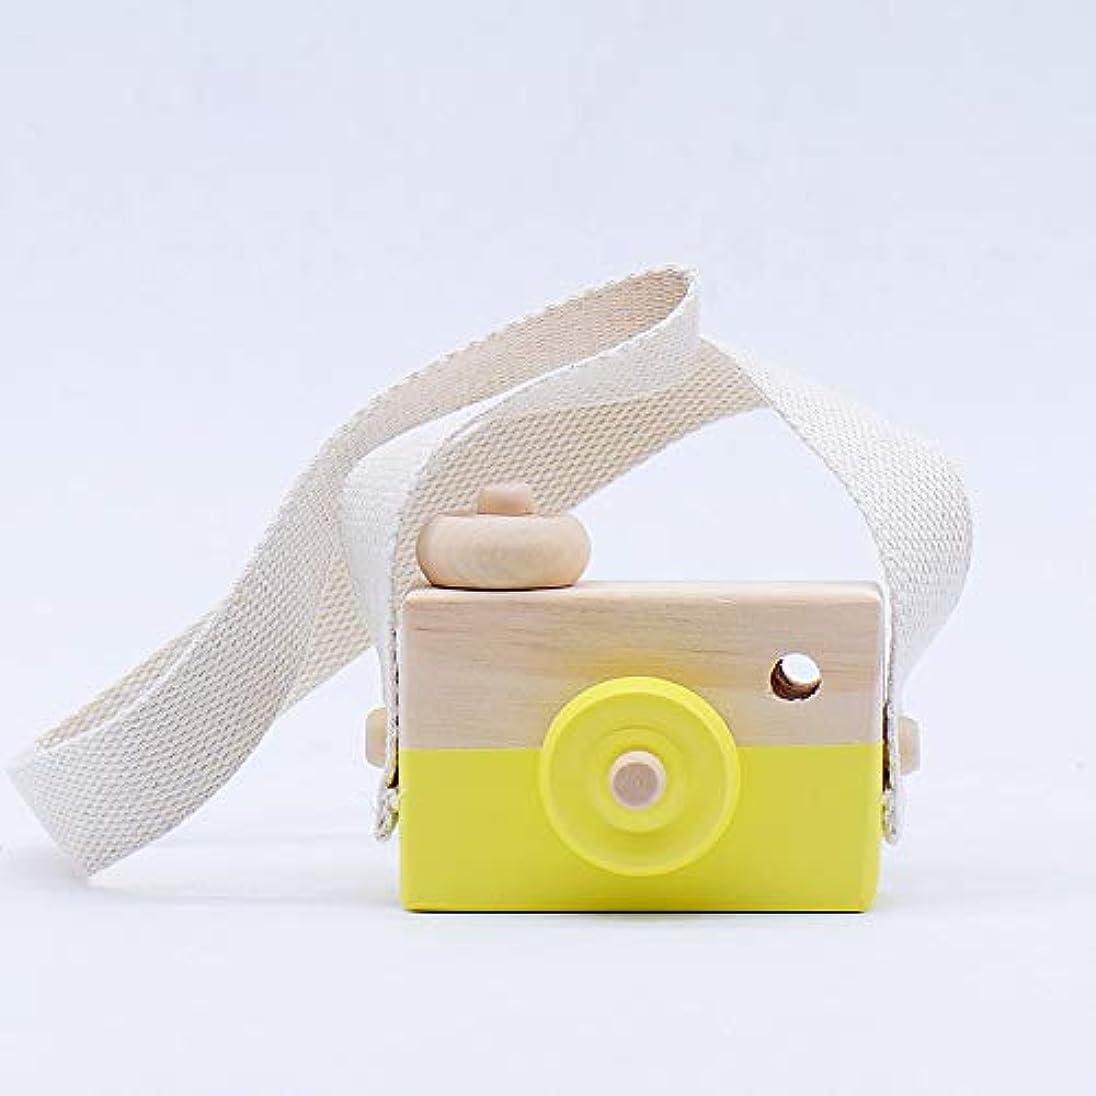 リングレットプロットコウモリミニかわいい木製カメラのおもちゃ安全なナチュラル玩具ベビーキッズファッション服アクセサリー玩具誕生日クリスマスホリデーギフト (黄)